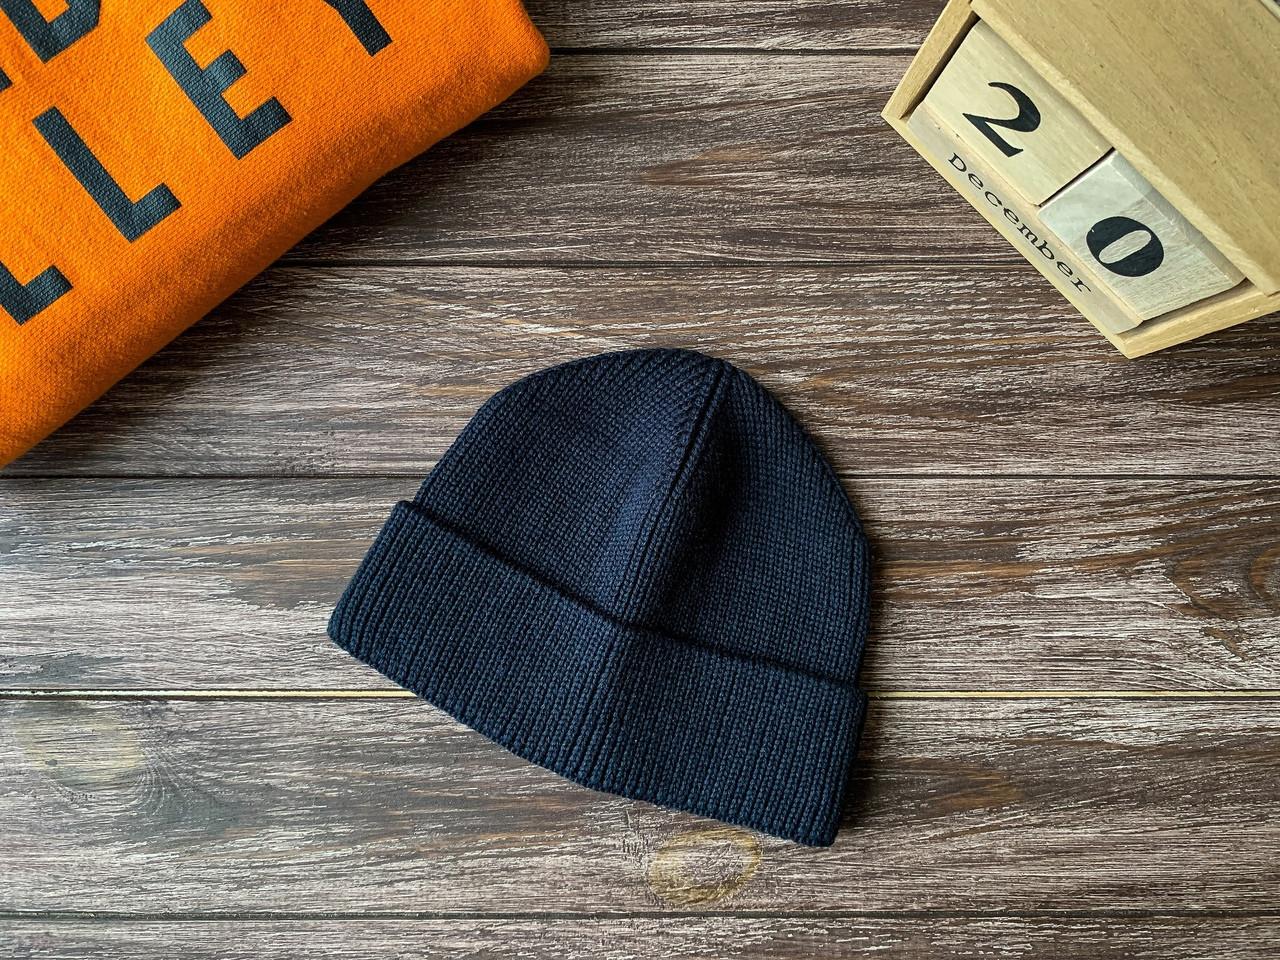 Мужская шапка бини темно-синяя